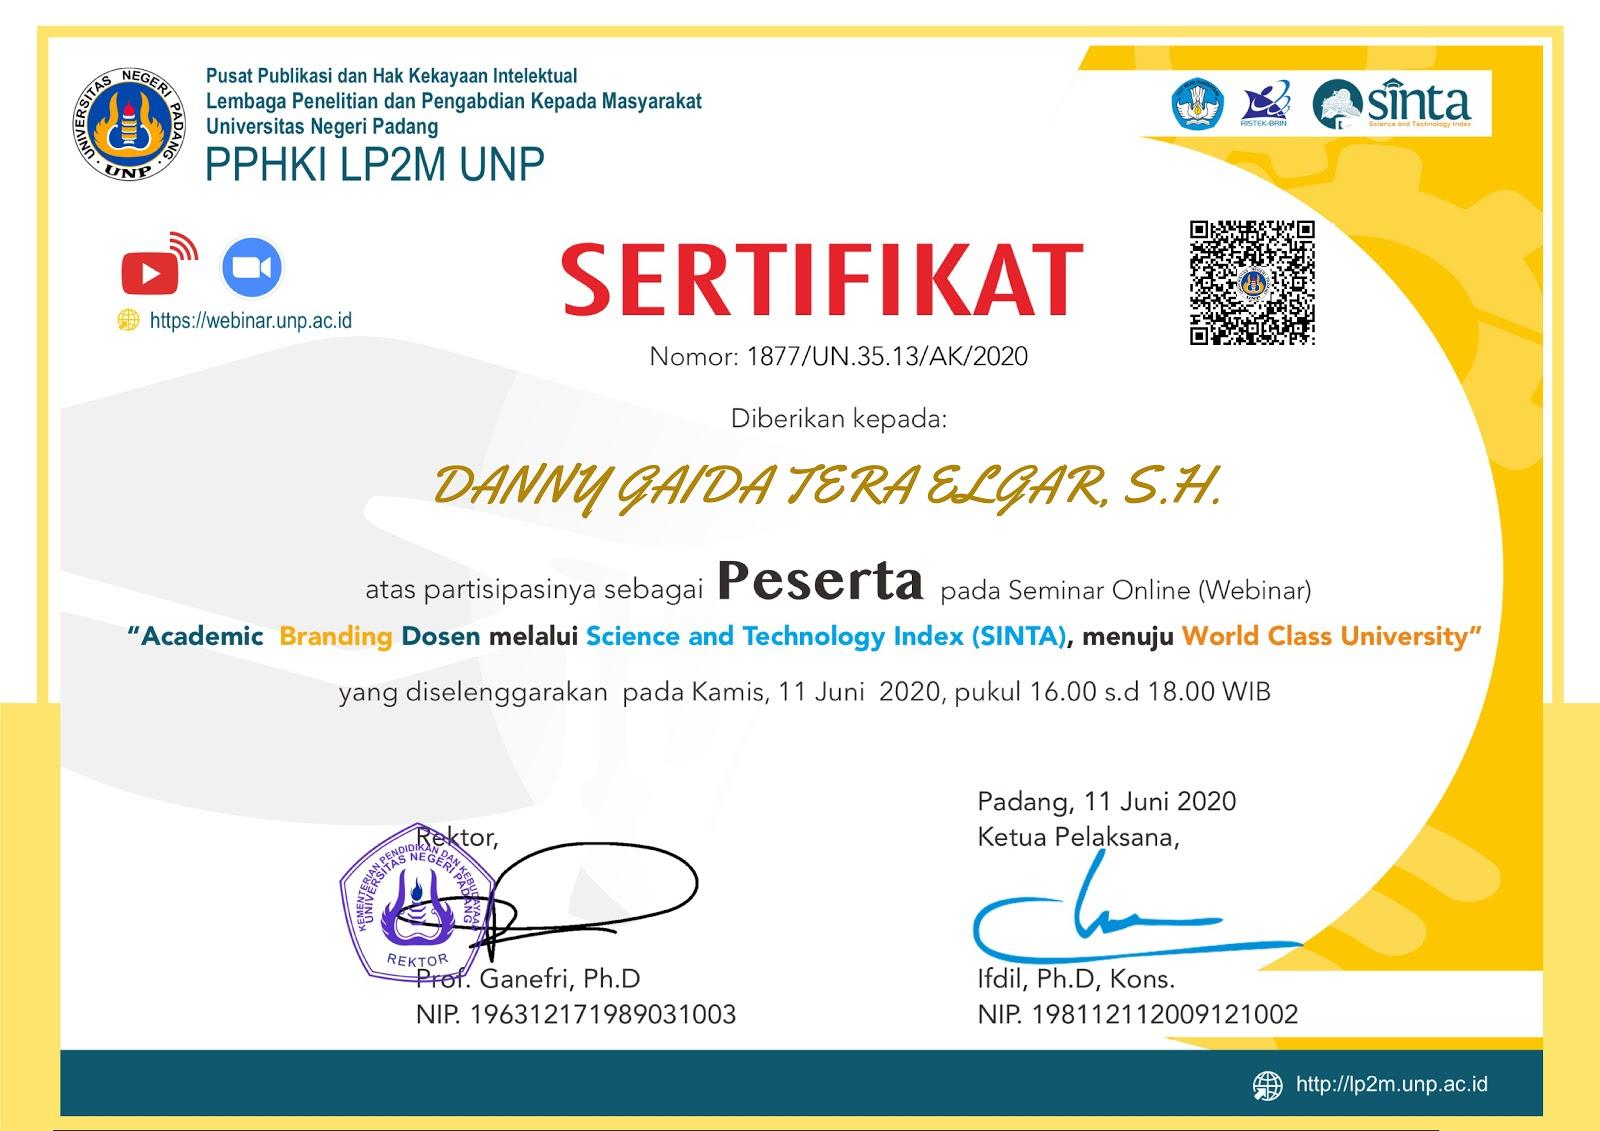 Sertifikat Pusat Publikasi dan Hak Kekayaan Intelektual Universitas Negeri Padang (UNP) | 11 Juni 2020